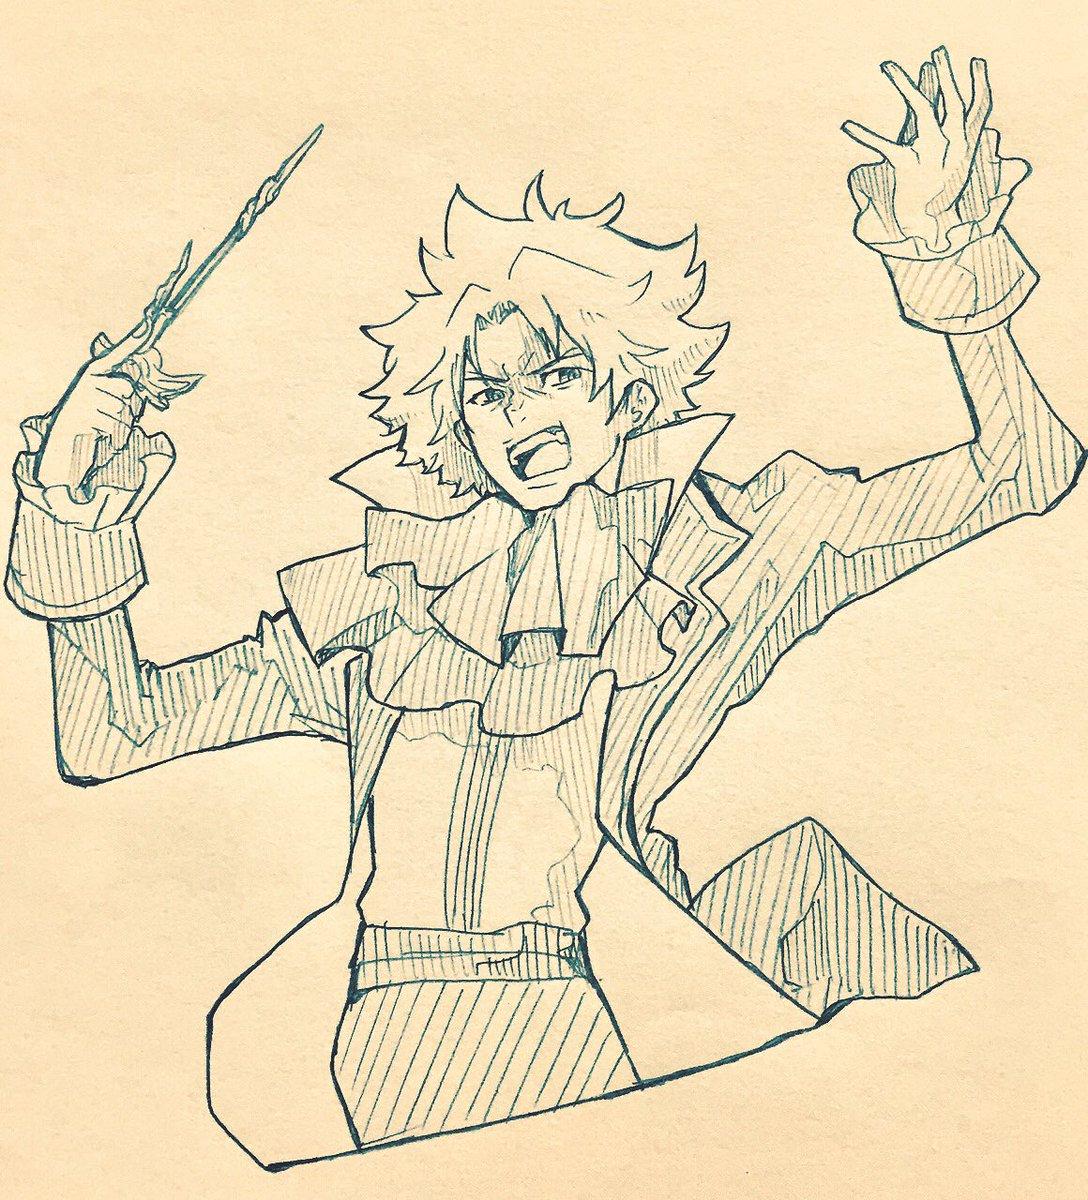 ムッジーーク!!!!クラシカロイドのベートーヴェンベトさん